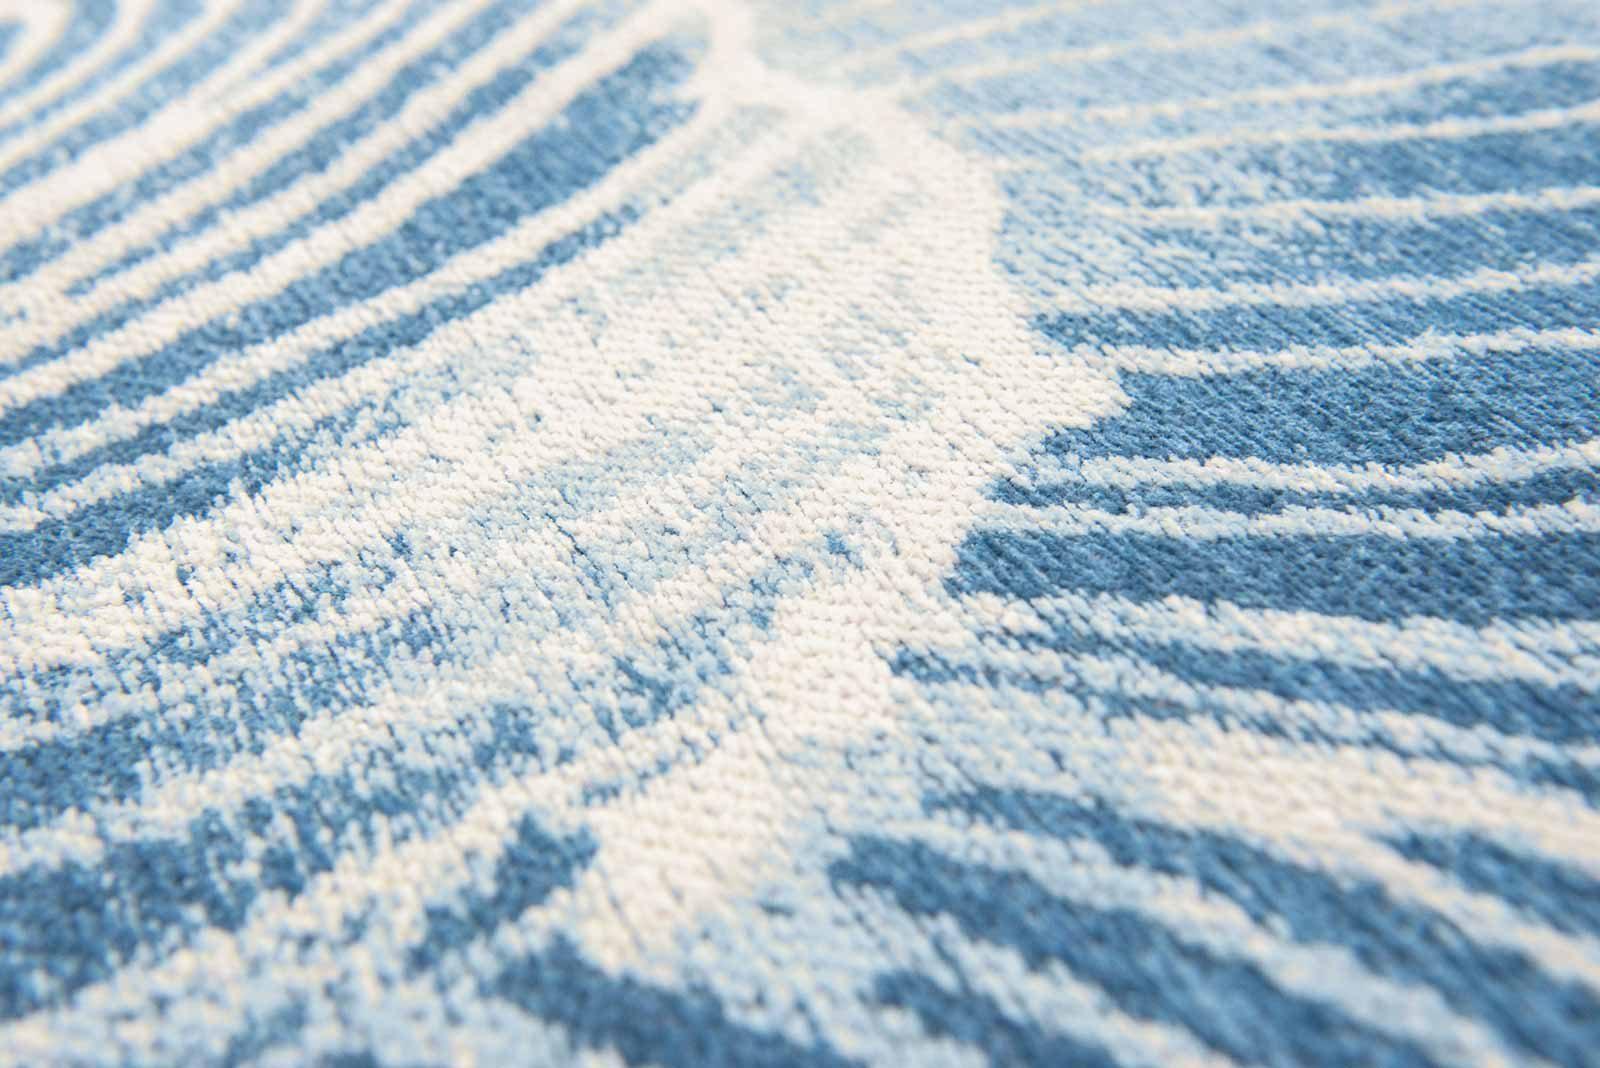 Louis De Poortere alfombras Villa Nova LX 8756 Akina Indigo zoom 6